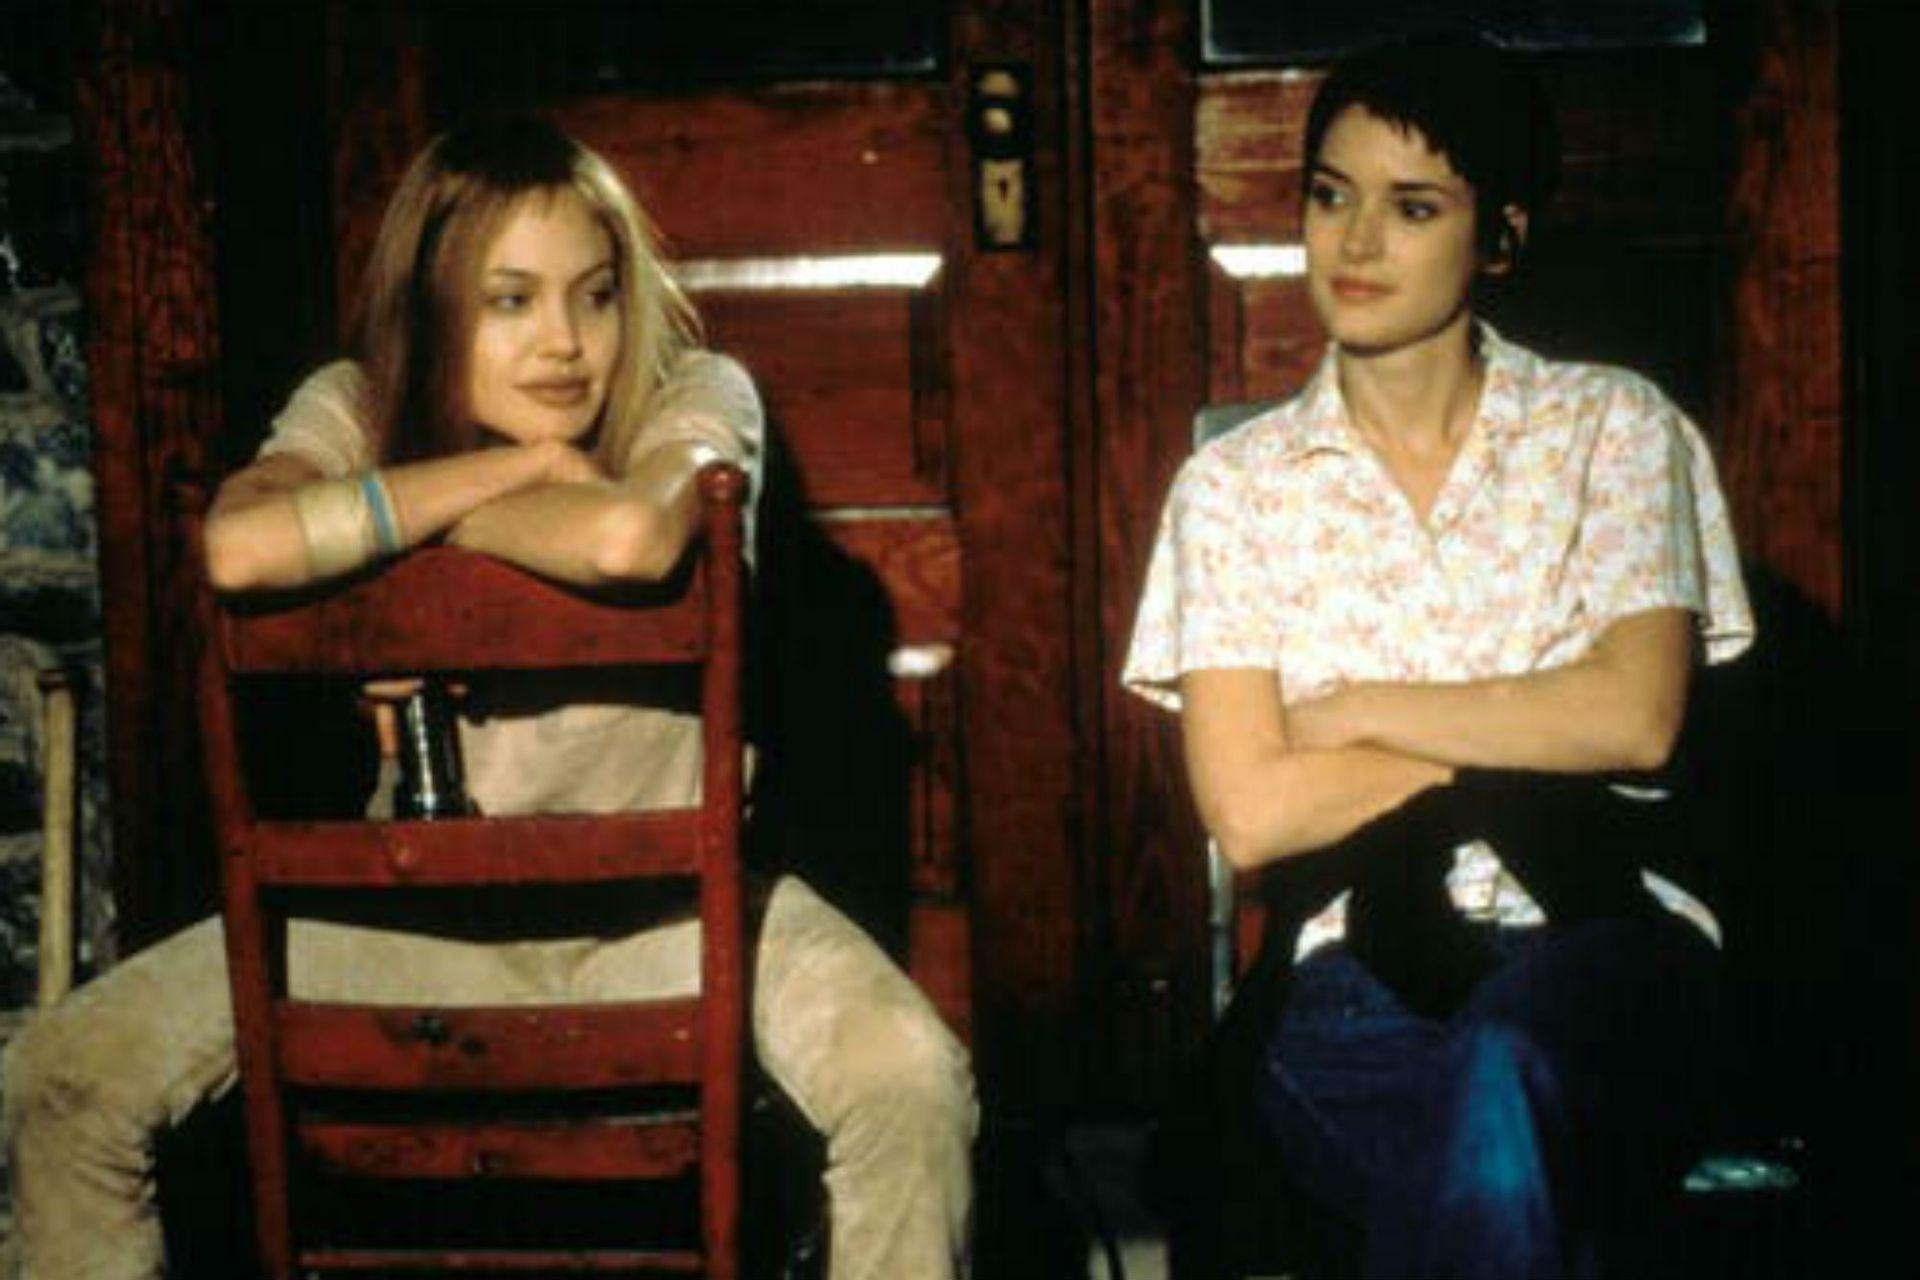 Si bien Winona quiso tener una amistad con Jolie, Angelina nunca se salió del personaje y generó una distancia